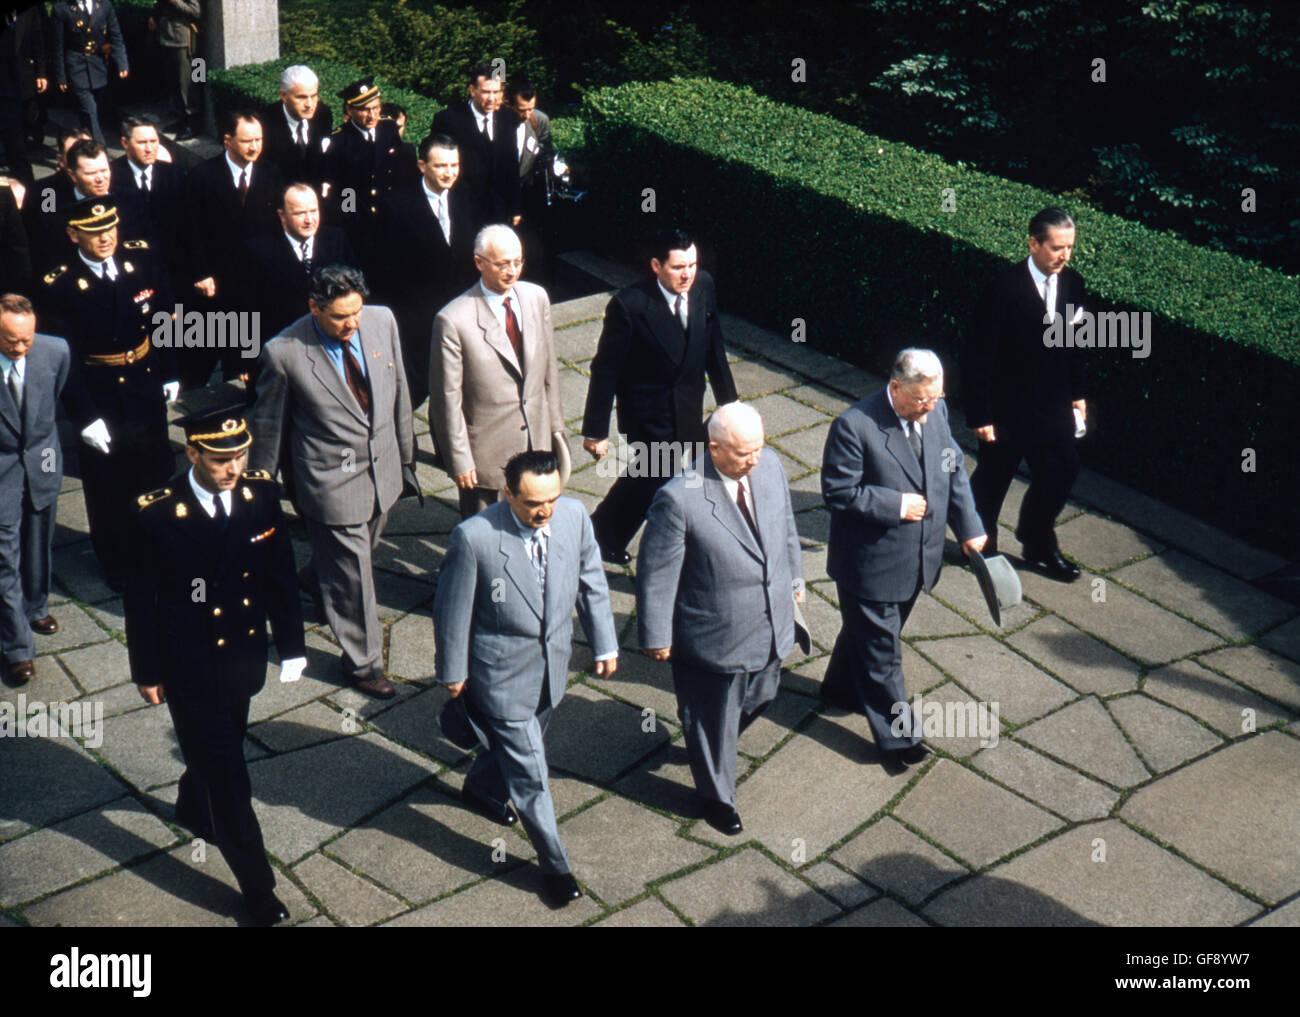 Anastas Mikoyan, Nikolai Bulganin, Nikita Khrushchev, and Anatoly Gromyko - Stock Image